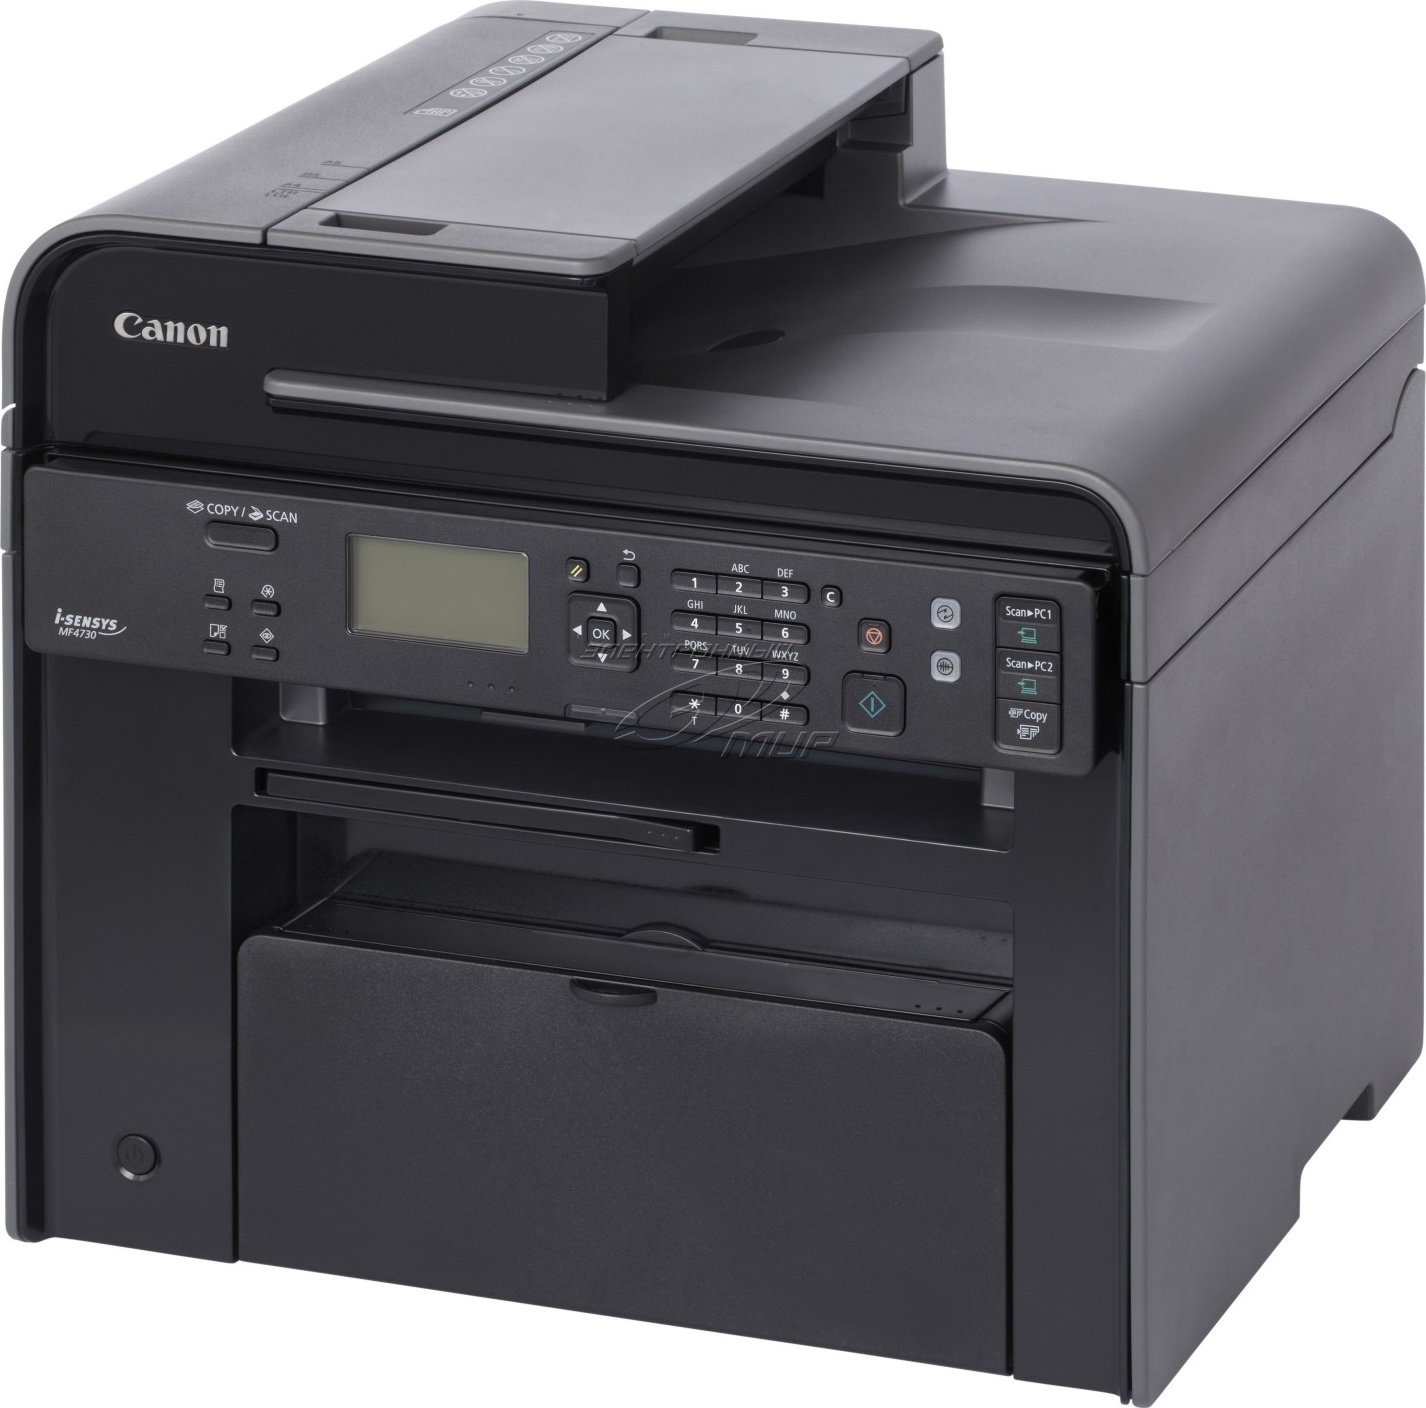 Canon-i-SENSYS-MF4730